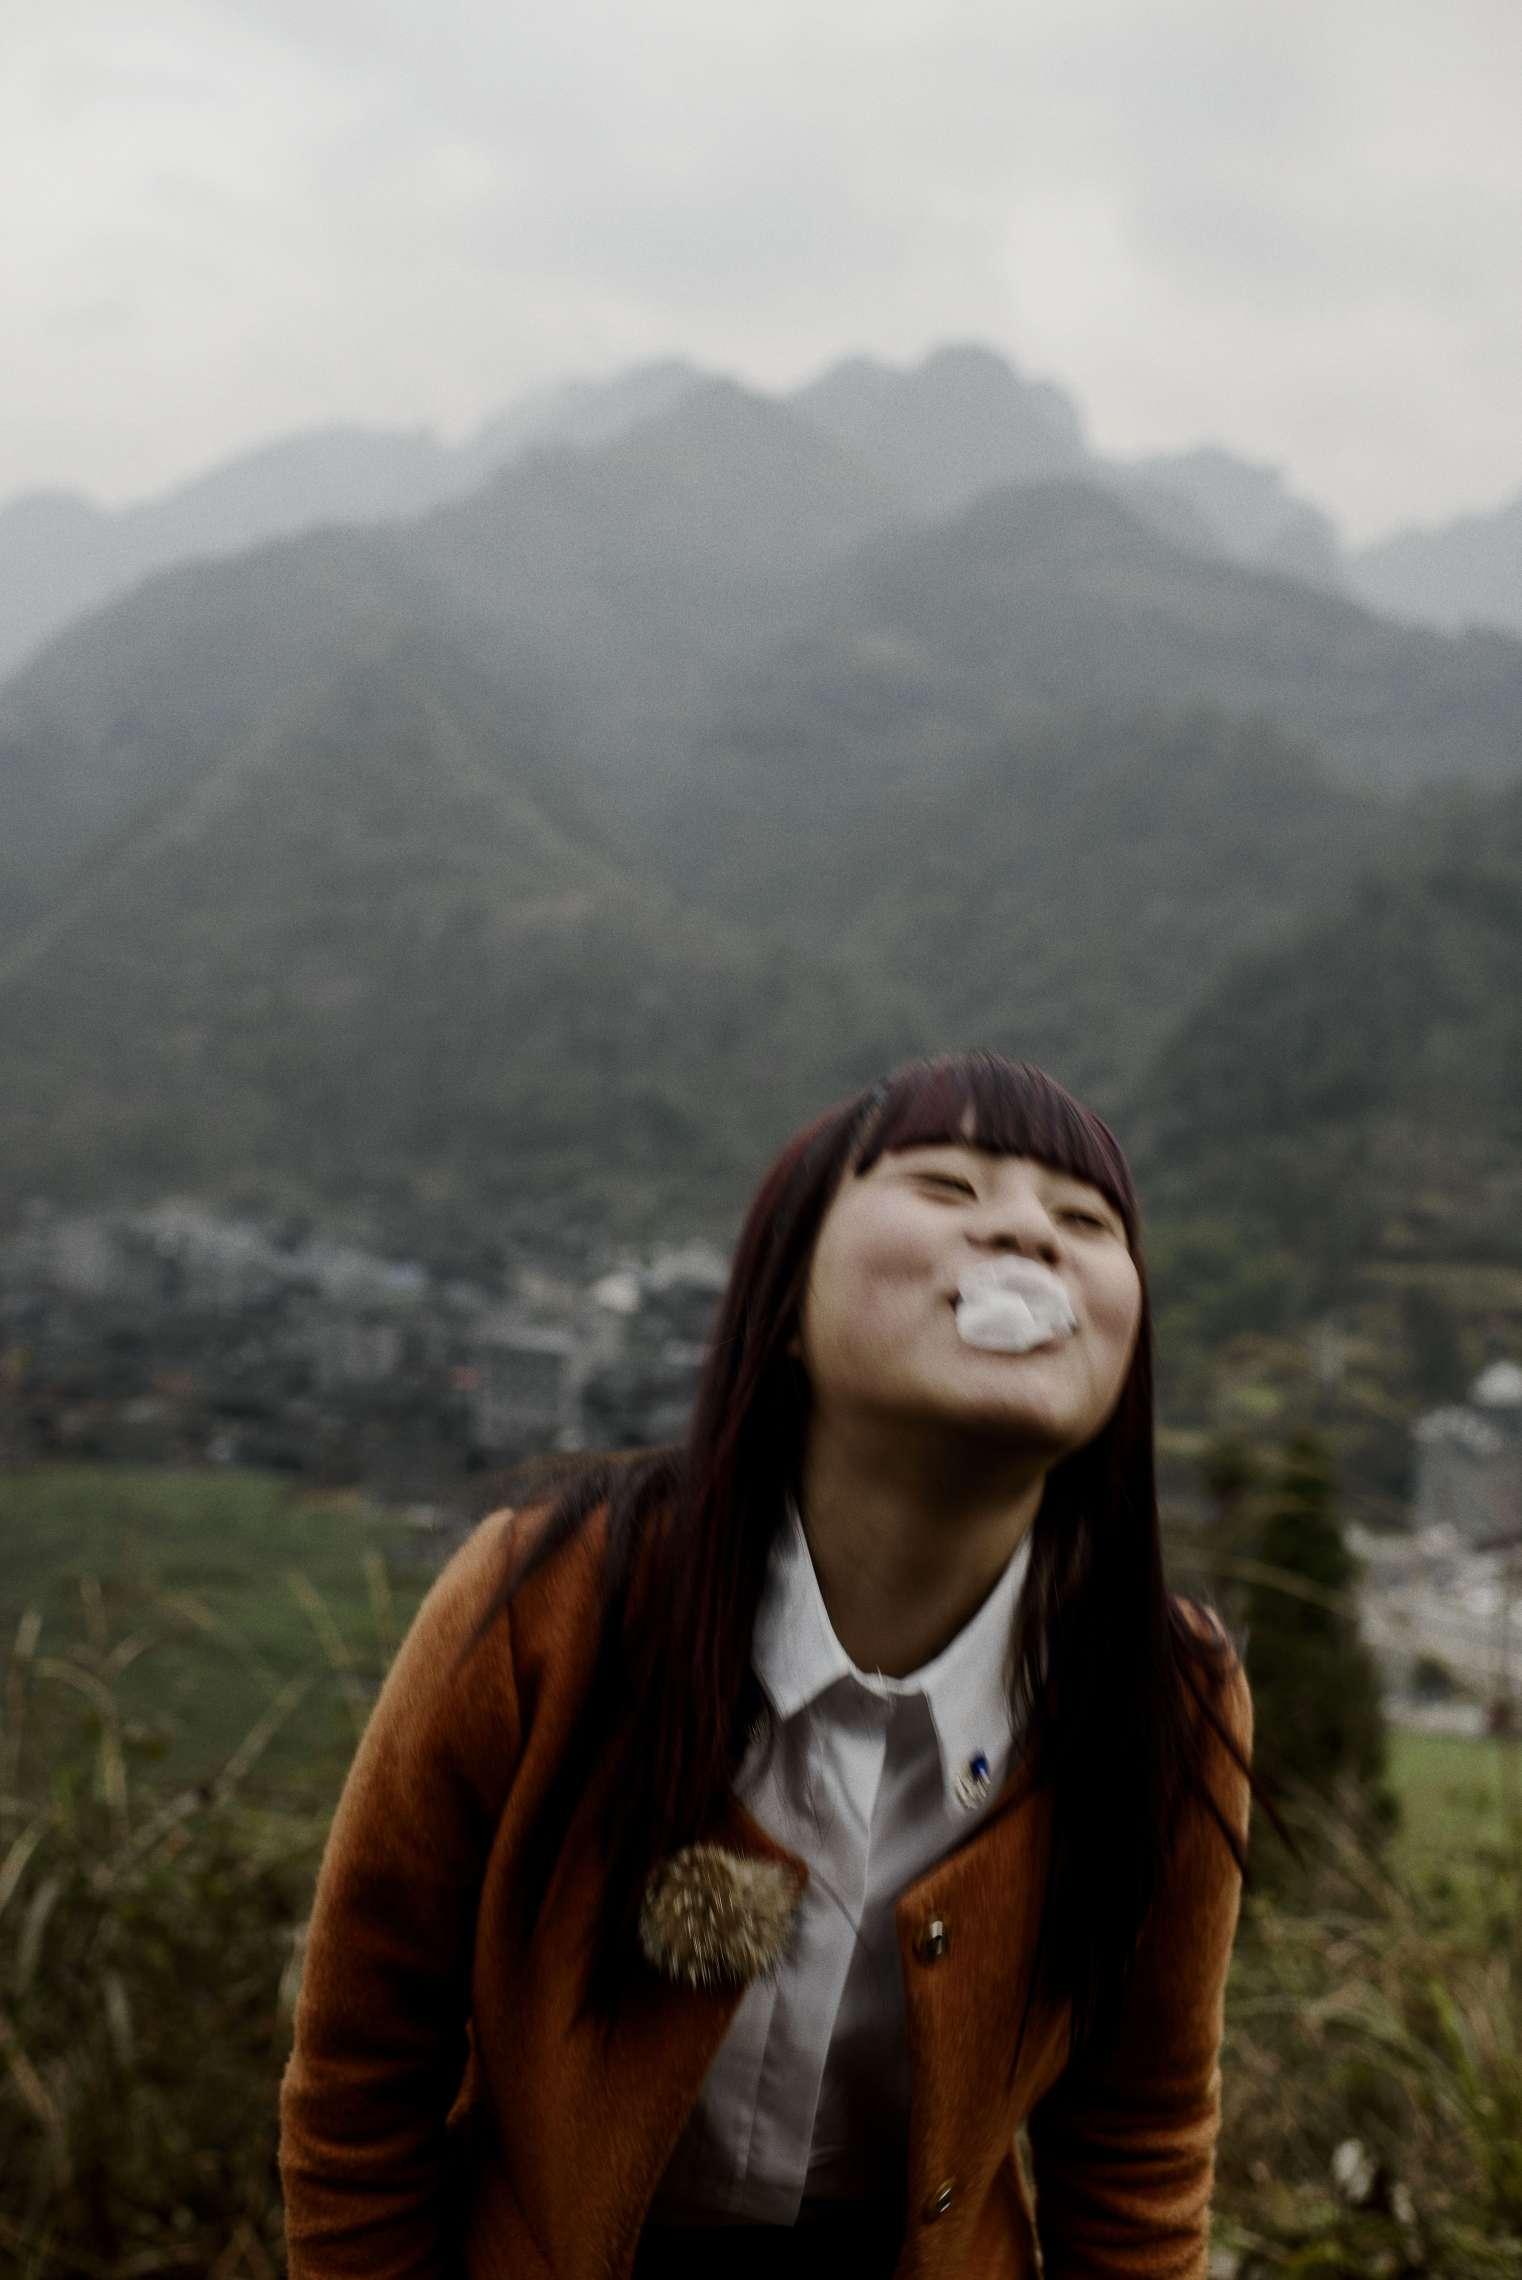 PK-nr: 10968 Kategori: 8, dokumentar utlandDato: 23.02.2015 Tittel: Hun reiser i morgen Hovedtekst: Siden 1978 har Kina opplevd den største folkevandringen i verdenshistorien. Nærmere 160 millioner kinesere har reist fra lutfattige landsbyer for å finne arbeid i byene. I fjellandsbyen Hangsha i Hunan provinsen, står Rong Shi Yu (14) på klippen sammen med barndomsvenninnene sine, hånd i hånd på høye hæler, mens de blåser rosa bobler. De synger om gutter de ennå ikke vet hvem er, som skal gjøre dem lykkelige, og kanskje velstående. De synger om å høre til her i Lu Dong-fjellene, men i morgen pakker de trillekoffertene, reiser fra alt de kjenner, mot kysten og storbyene. Der venter Kinas mest effektive fabrikker med ti kroner i timen, ti timer hver dag. Men der venter også mulighetene for økonomisk uavhengighet. Bildetekst: Så lenge Rong Shi Yu (14) kan huske, har moren satt seg på toget etter feiringen av det kinesiske nyttår. Nå har Rong også droppet ut av skolen. I morgen pakker hun trillekofferten for å jobbe i de mange tekstilfabrikkene ved Kinas kyst. Hun er annengenerasjons arbeidsimmigrant.